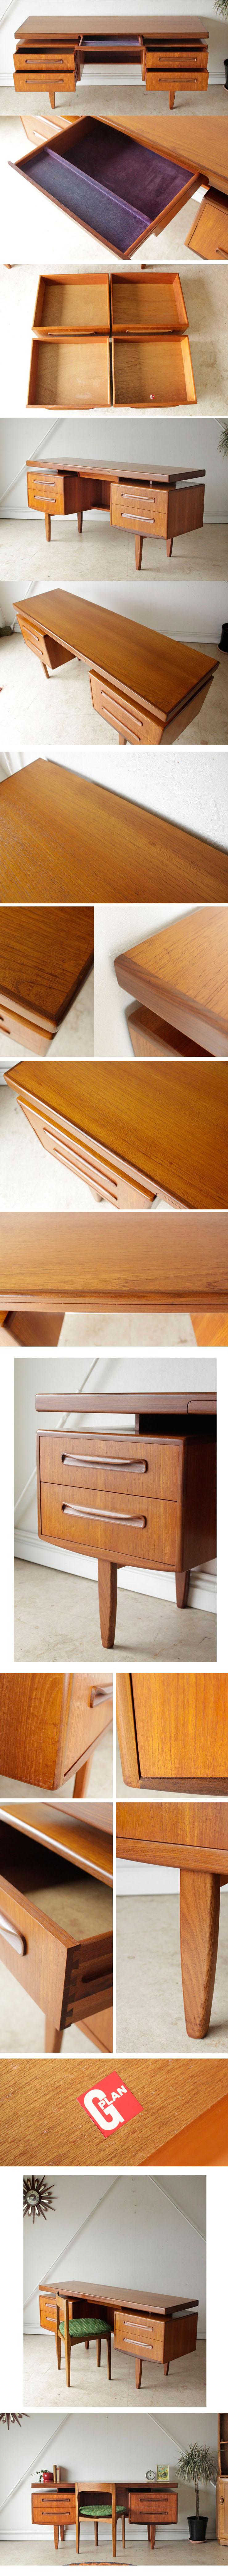 ジープラン・G-plan・デスク・ビンテージ・家具・アンティーク・机・北欧